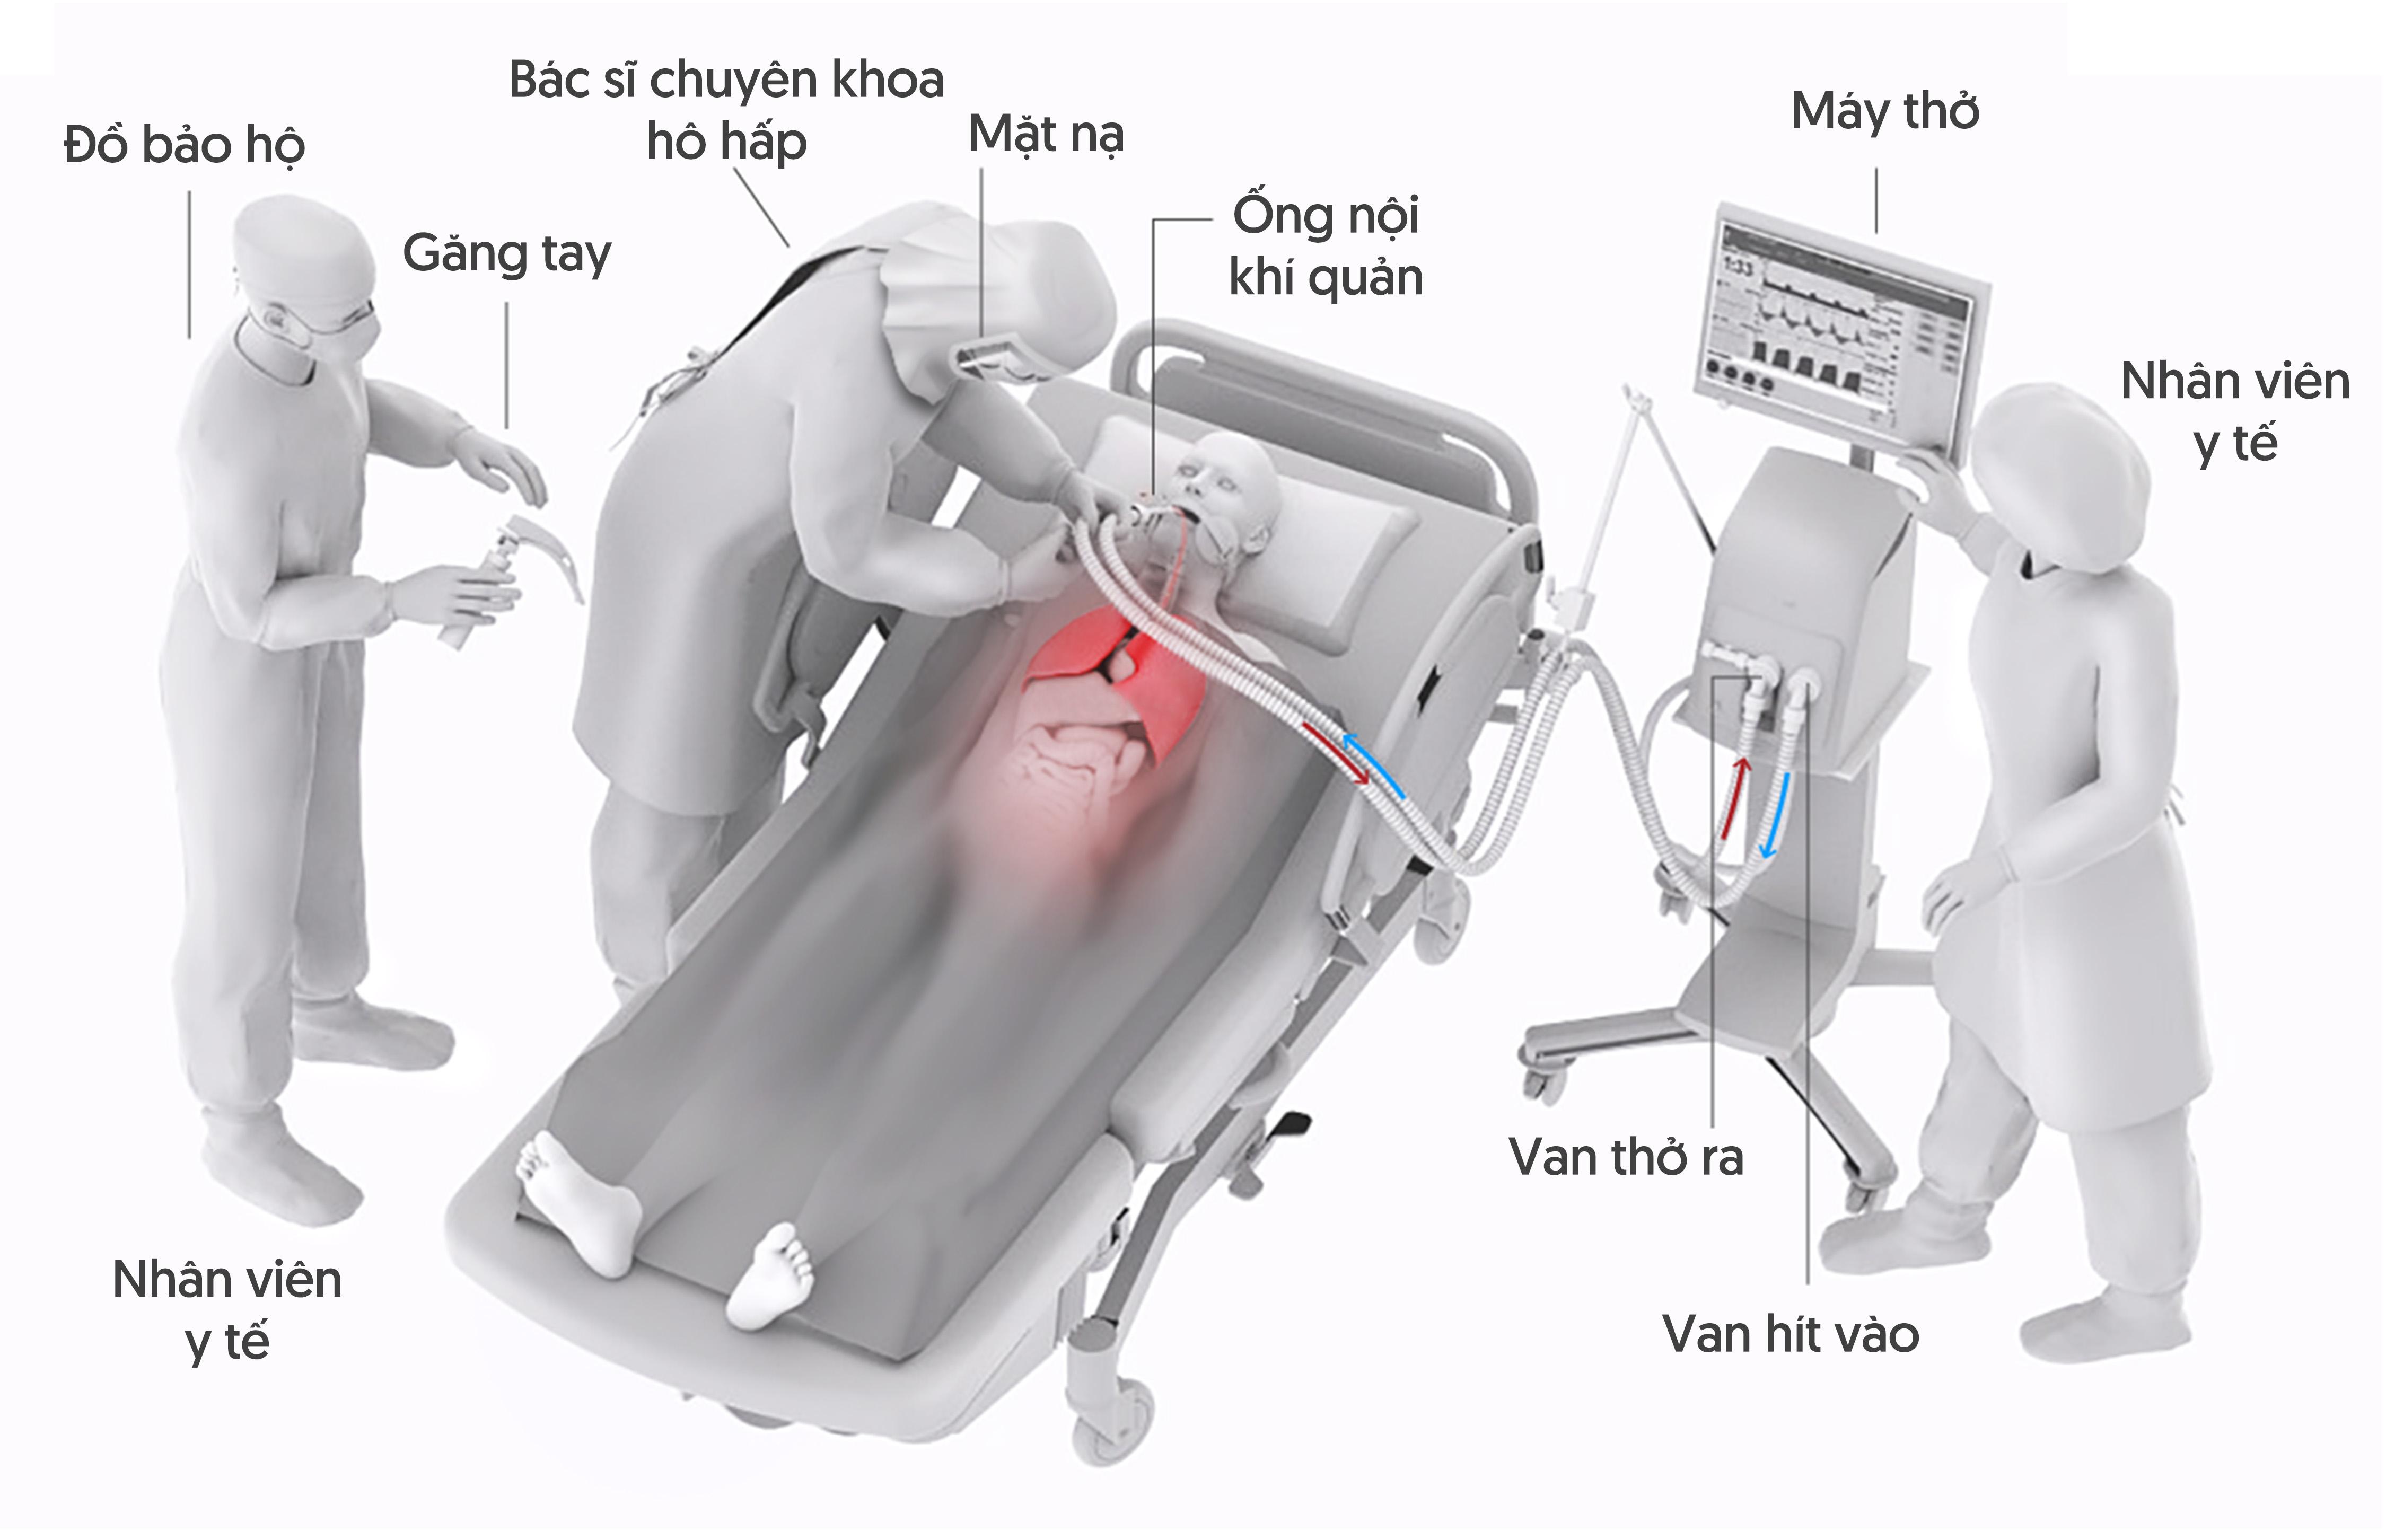 Máy thở hoạt động như thế nào với vai trò sống còn trong cuộc chiến chống COVID-19?